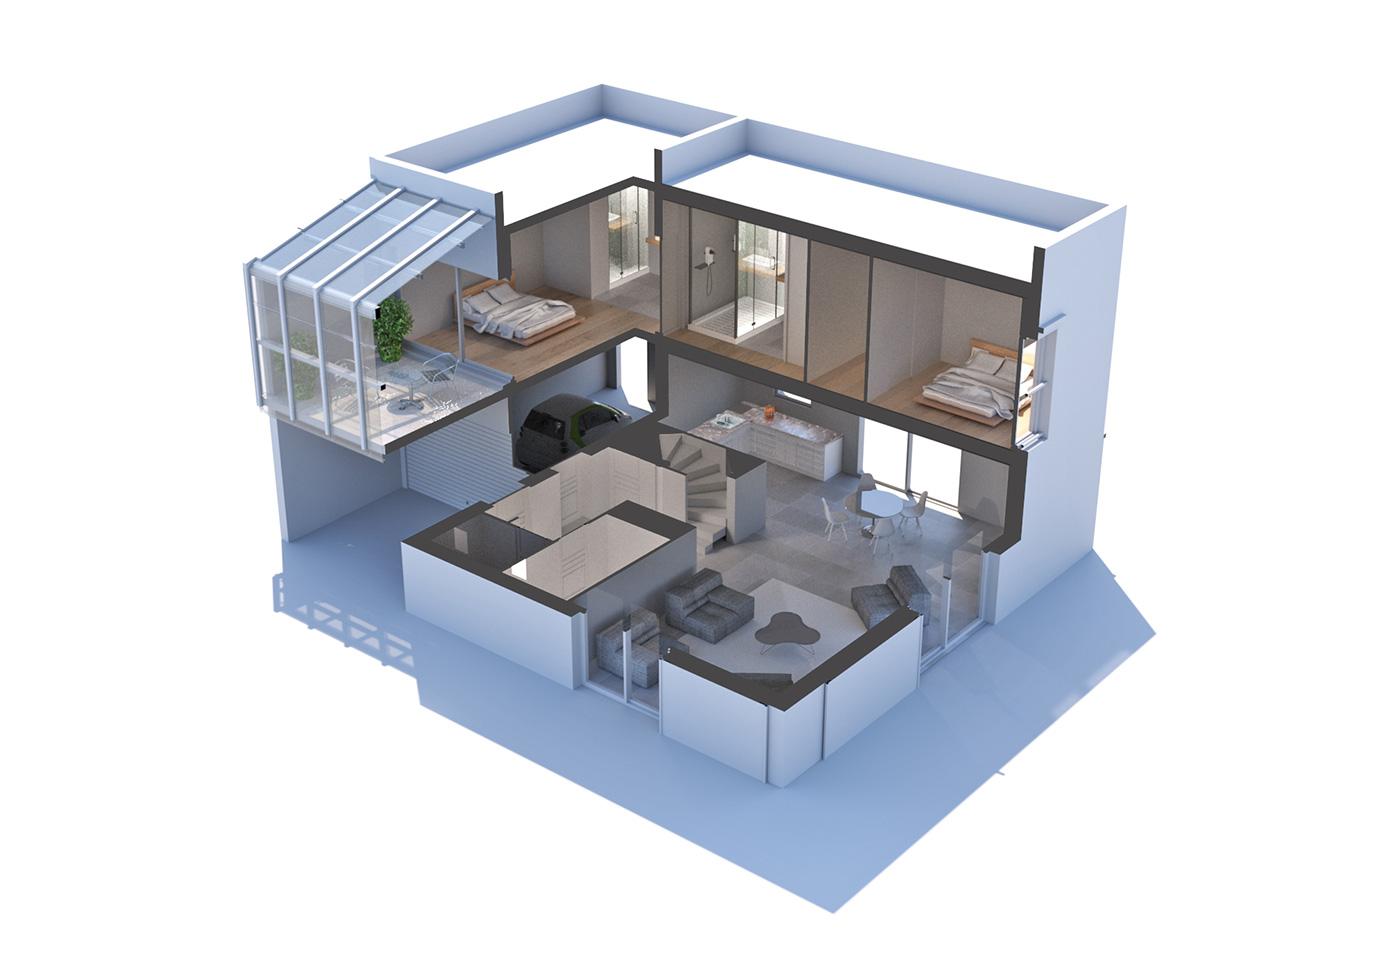 r729_9_plan-3d-villa-5-g.jpg